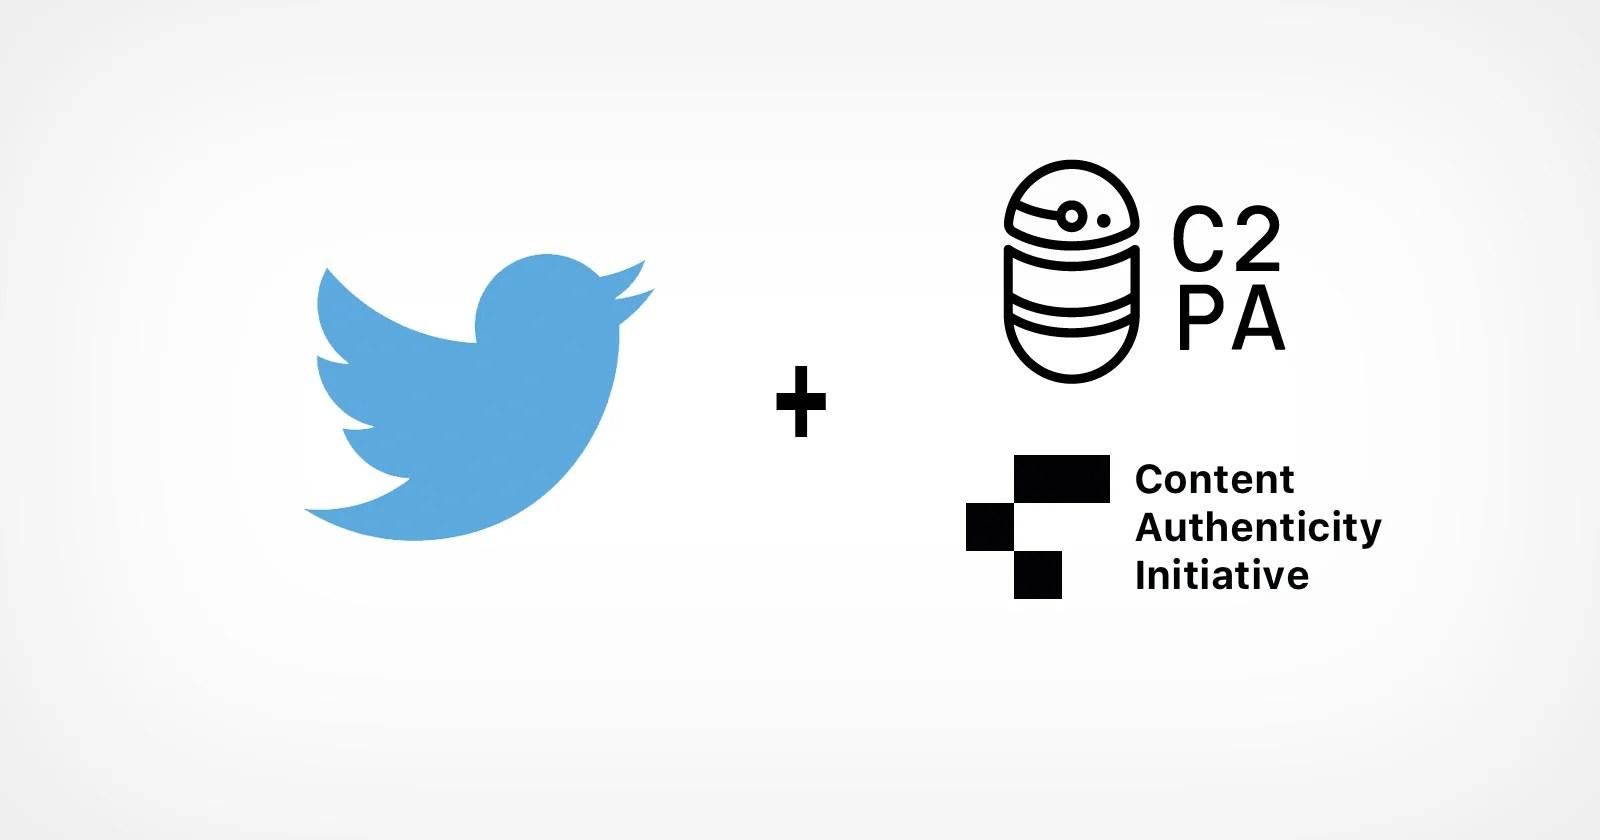 Twitter si unisce alla coalizione di società di media / tecnologia che combattono le fake news